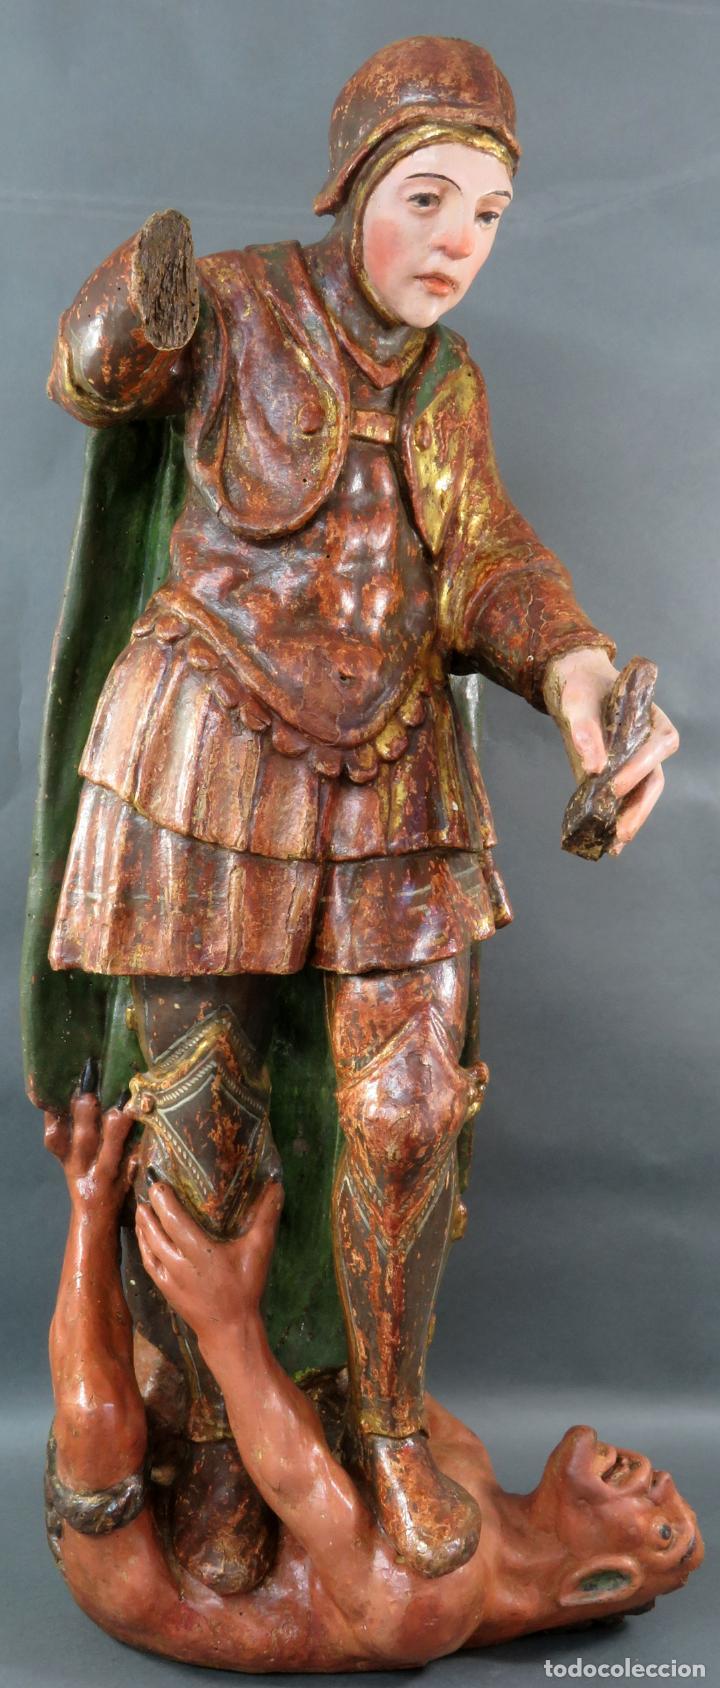 TALLA SAN MIGUEL EN MADERA TALLADA DORADA Y POLICROMADA ESCUELA CASTELLANA FINALES DEL SIGLO XVI (Arte - Arte Religioso - Escultura)